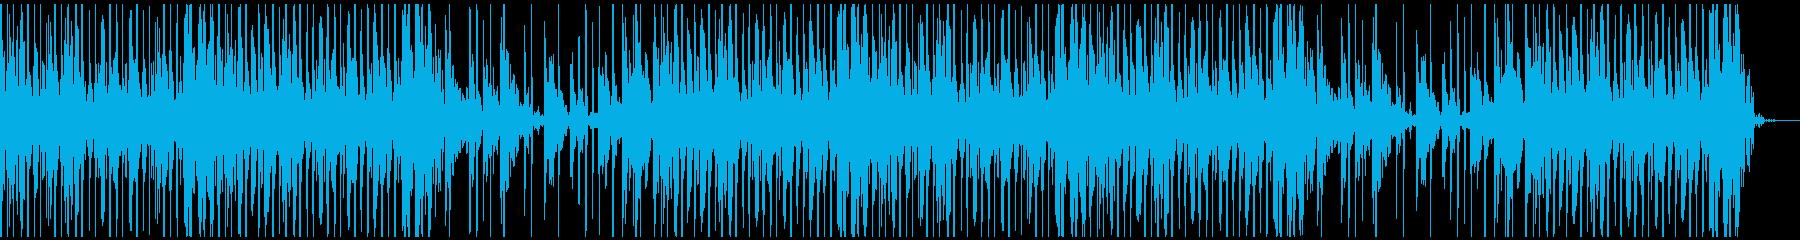 幻想的/サイバーなコーラスと軽快なビーツの再生済みの波形